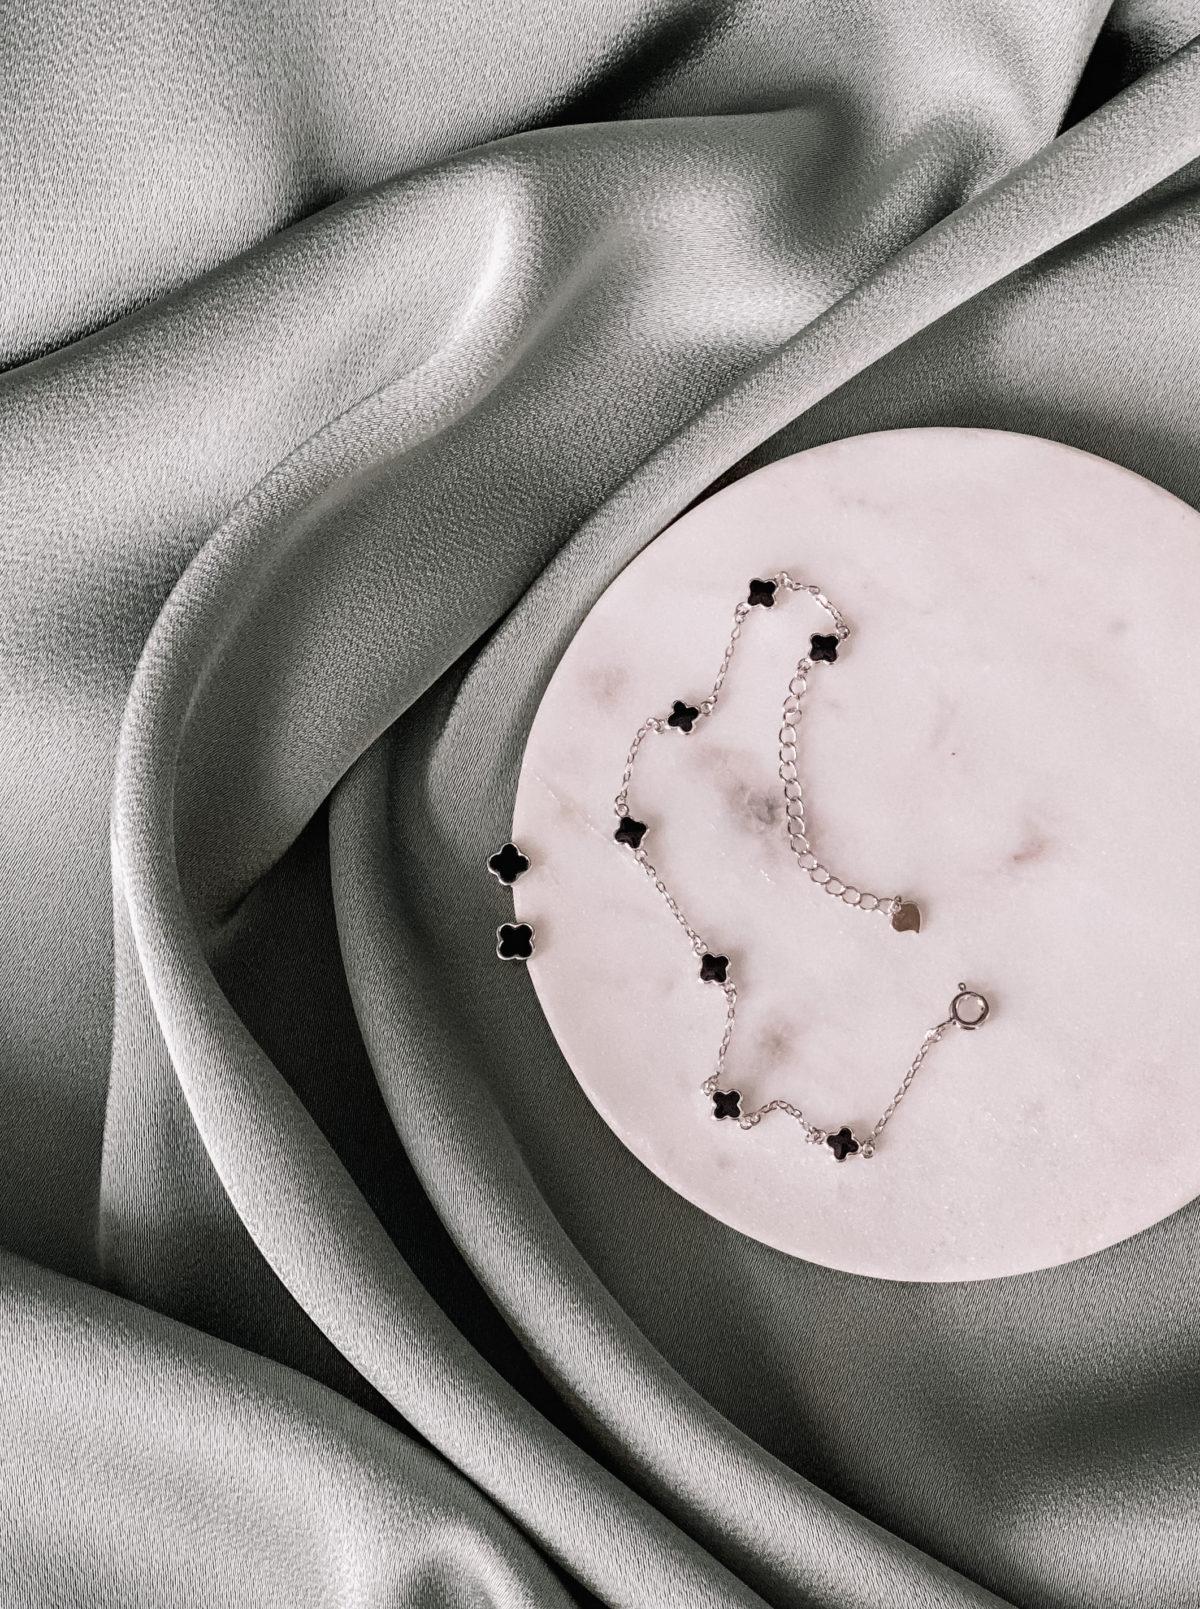 Комплект из серебра 925 пробы, защищён родиевым покрытием. Браслет регулируется от 16-19 см, 7 вставок с чёрной эмалью. Пусеты 5 мм, гвоздик с силиконовой застёжкой. Гипоаллергенно!